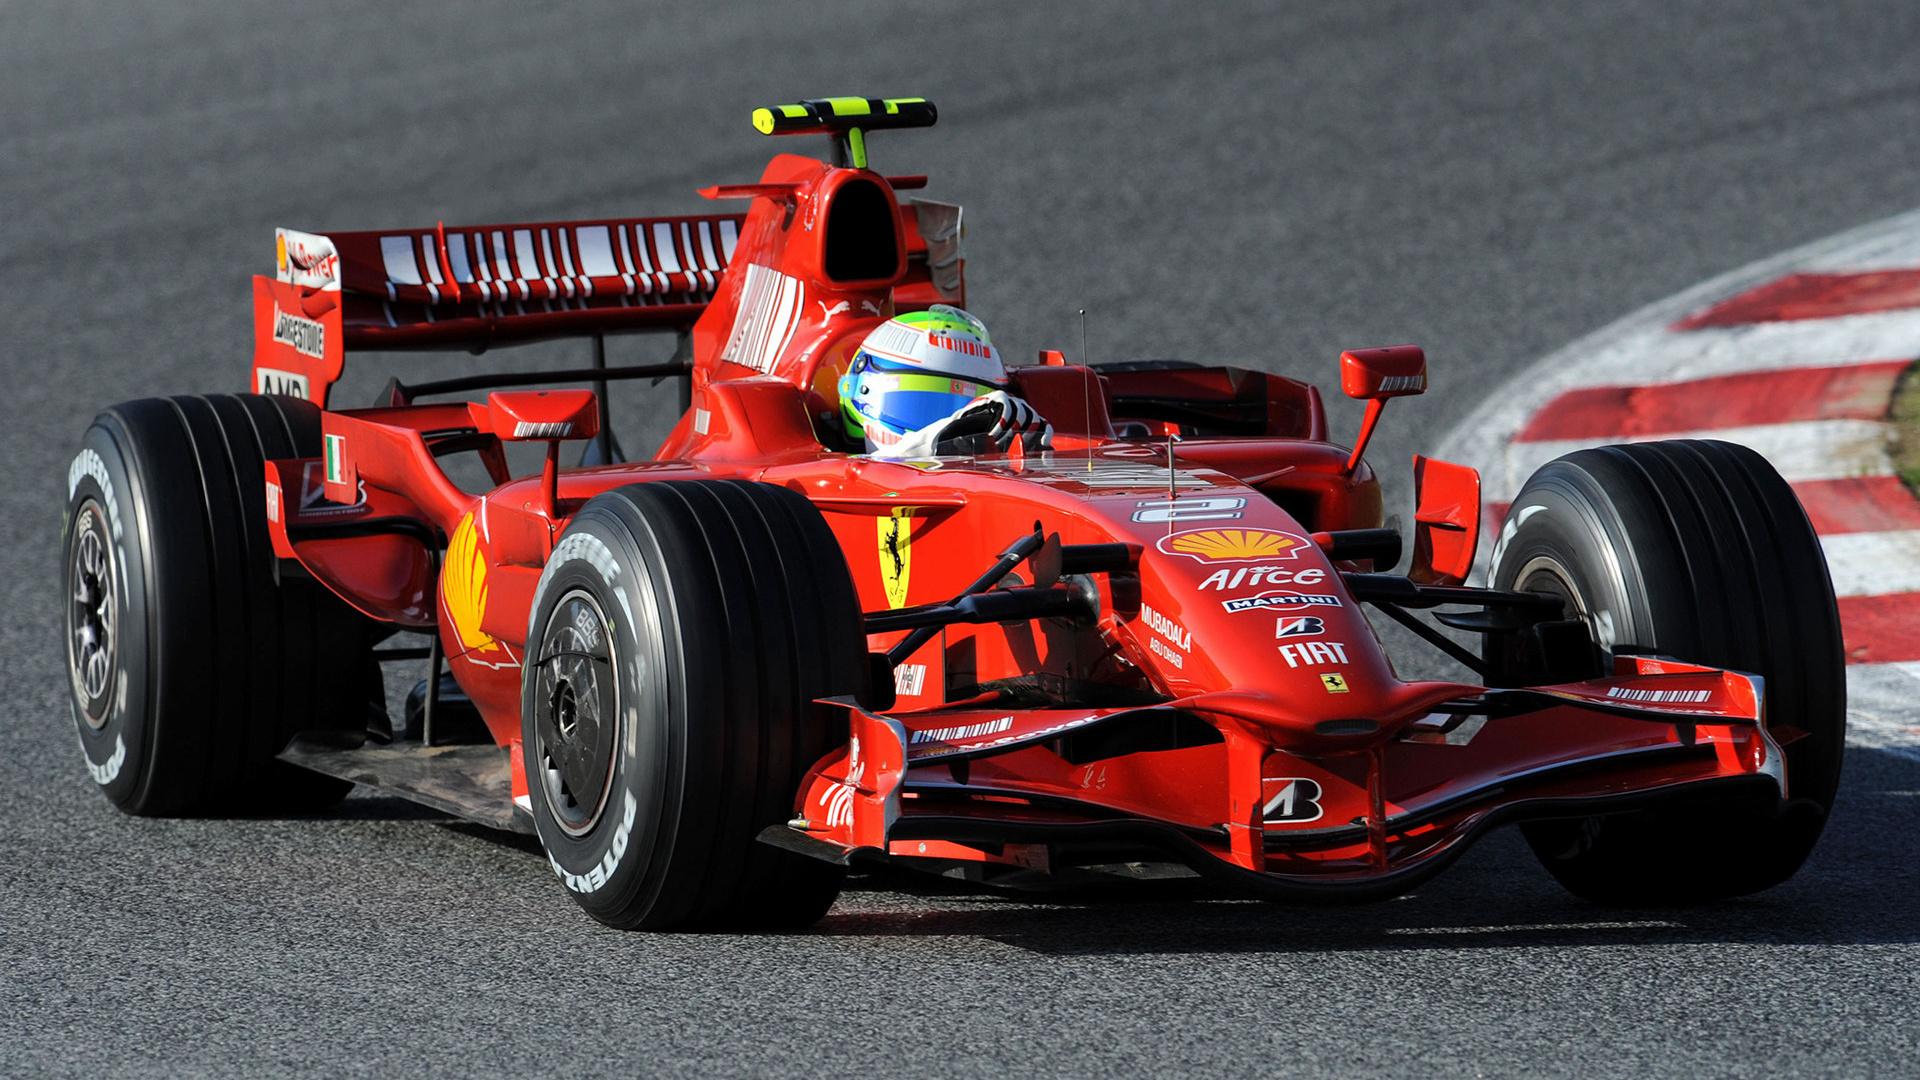 2008 Ferrari F2008 - Wallpapers and HD Images | Car Pixel